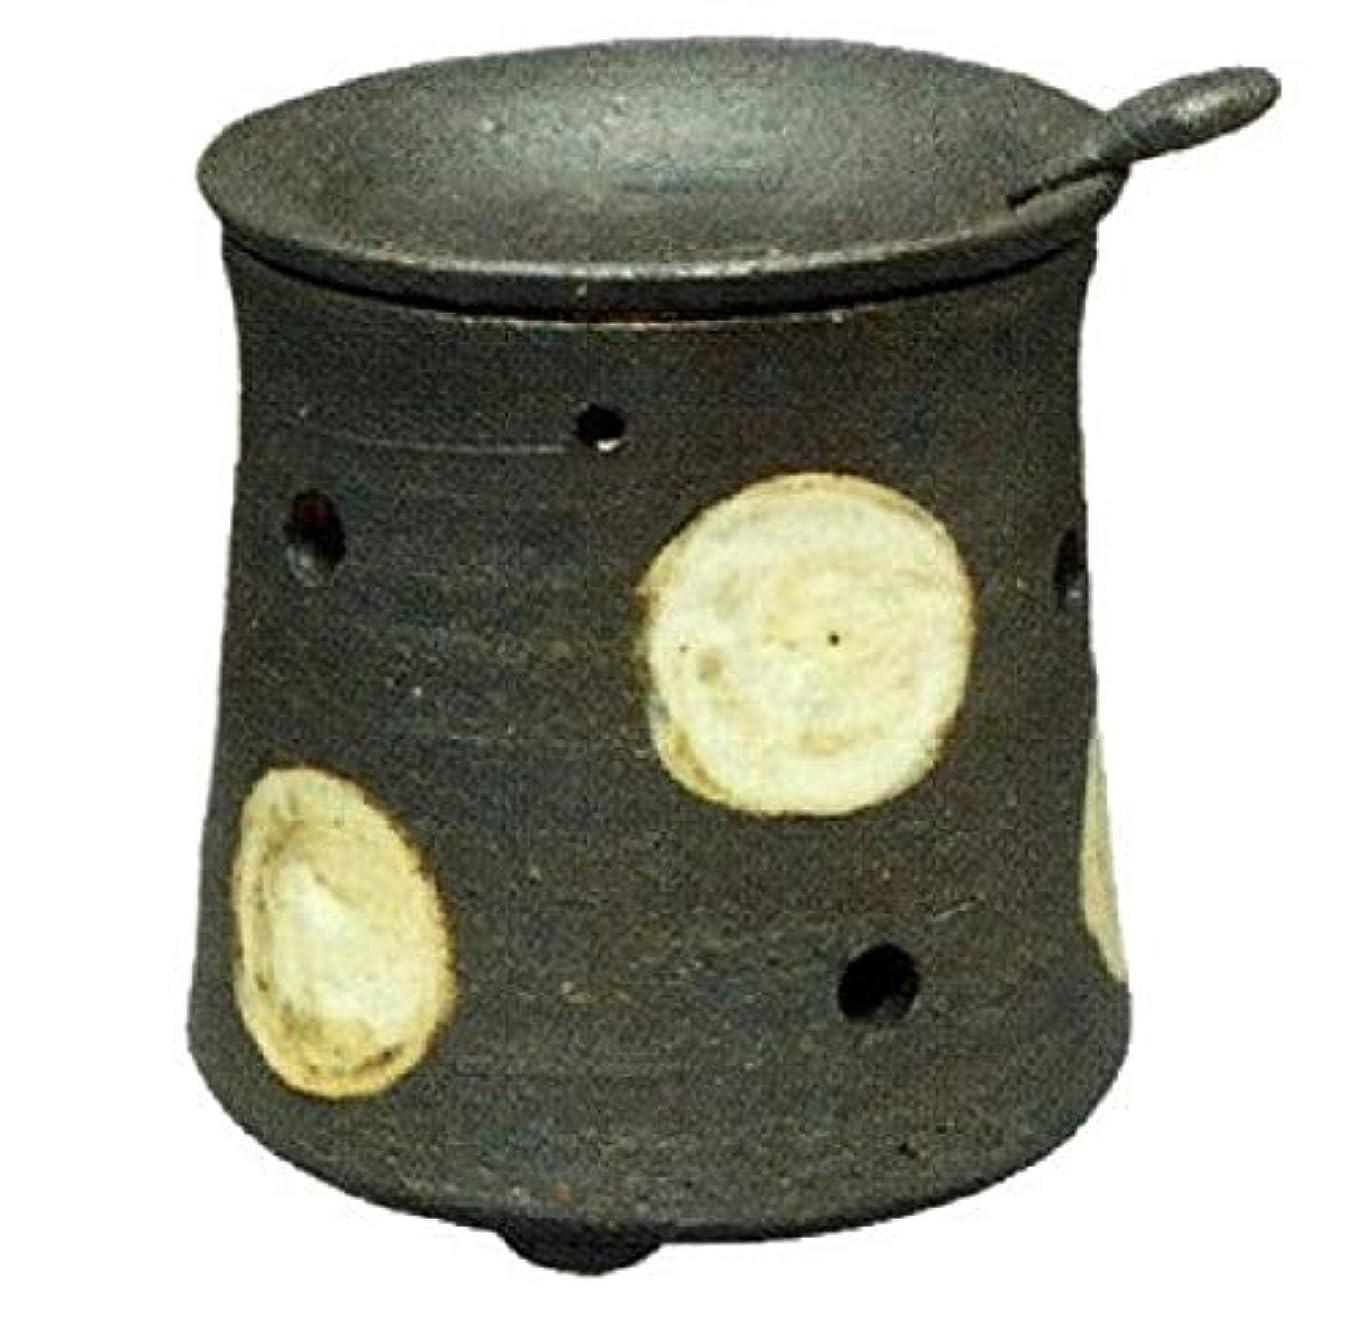 製油所洗剤言うまでもなく常滑焼?焜清 カ39-08 茶香炉 ドット 径9.5×9.5cm